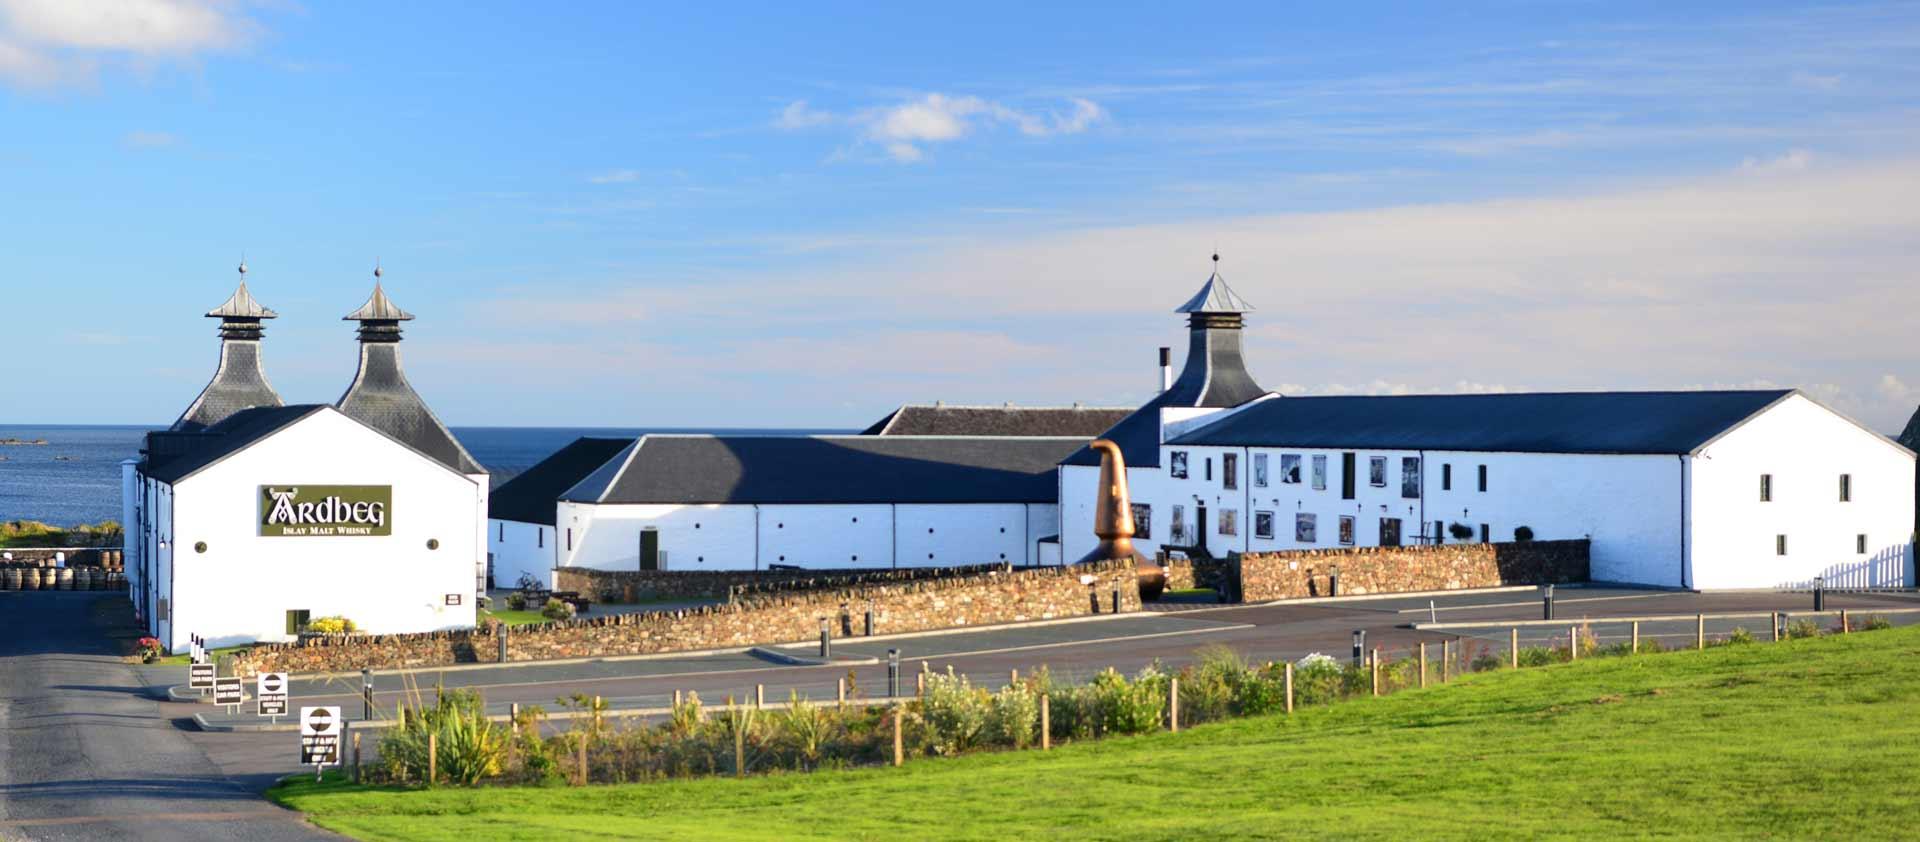 Ardbeg. Blick auf die Destillerie an einem Smmerabend mit strahlend blauem Himmel.